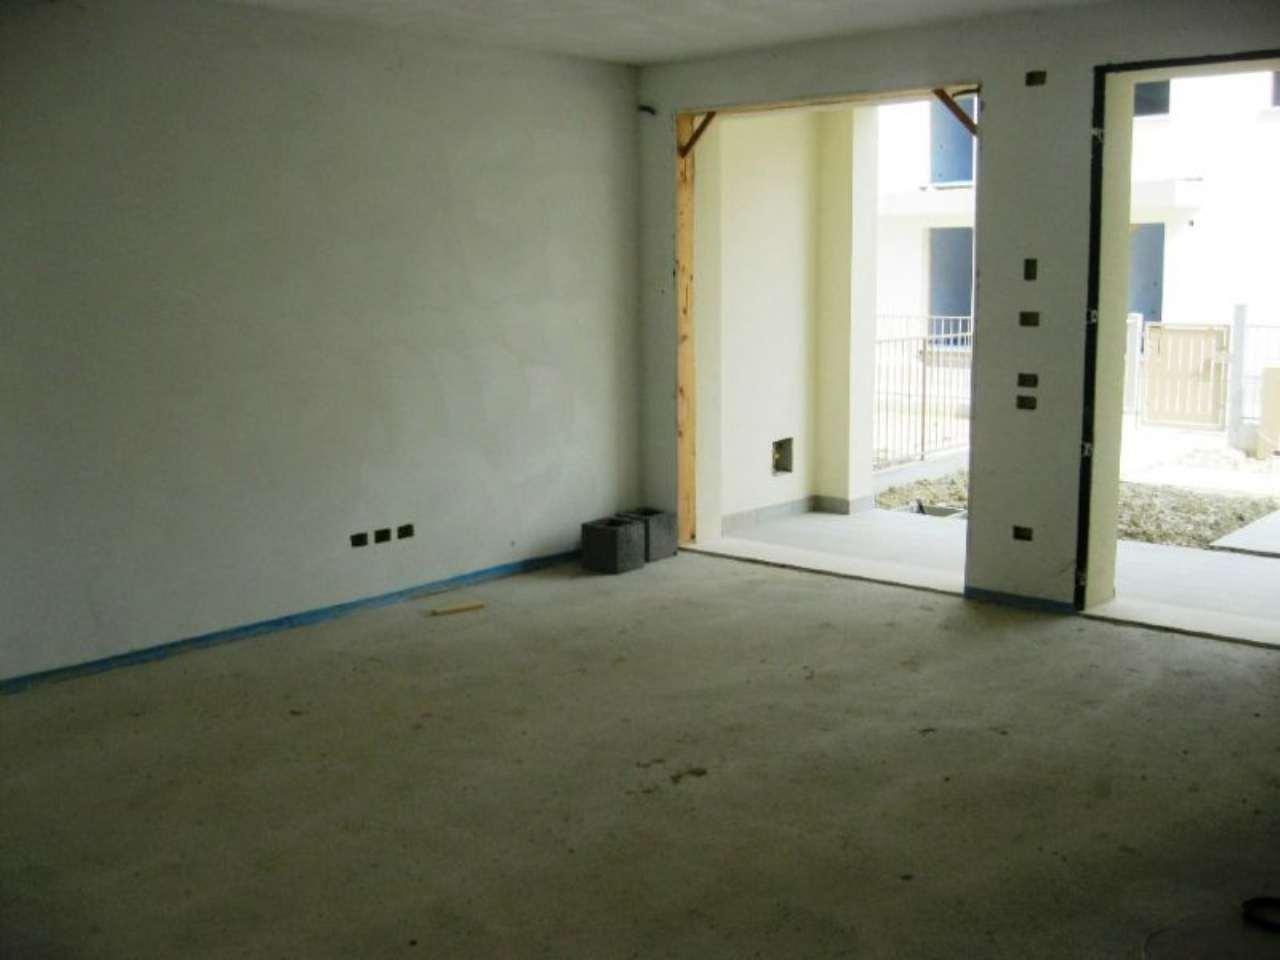 Soluzione Indipendente in vendita a Pianiga, 6 locali, prezzo € 300.000 | Cambio Casa.it